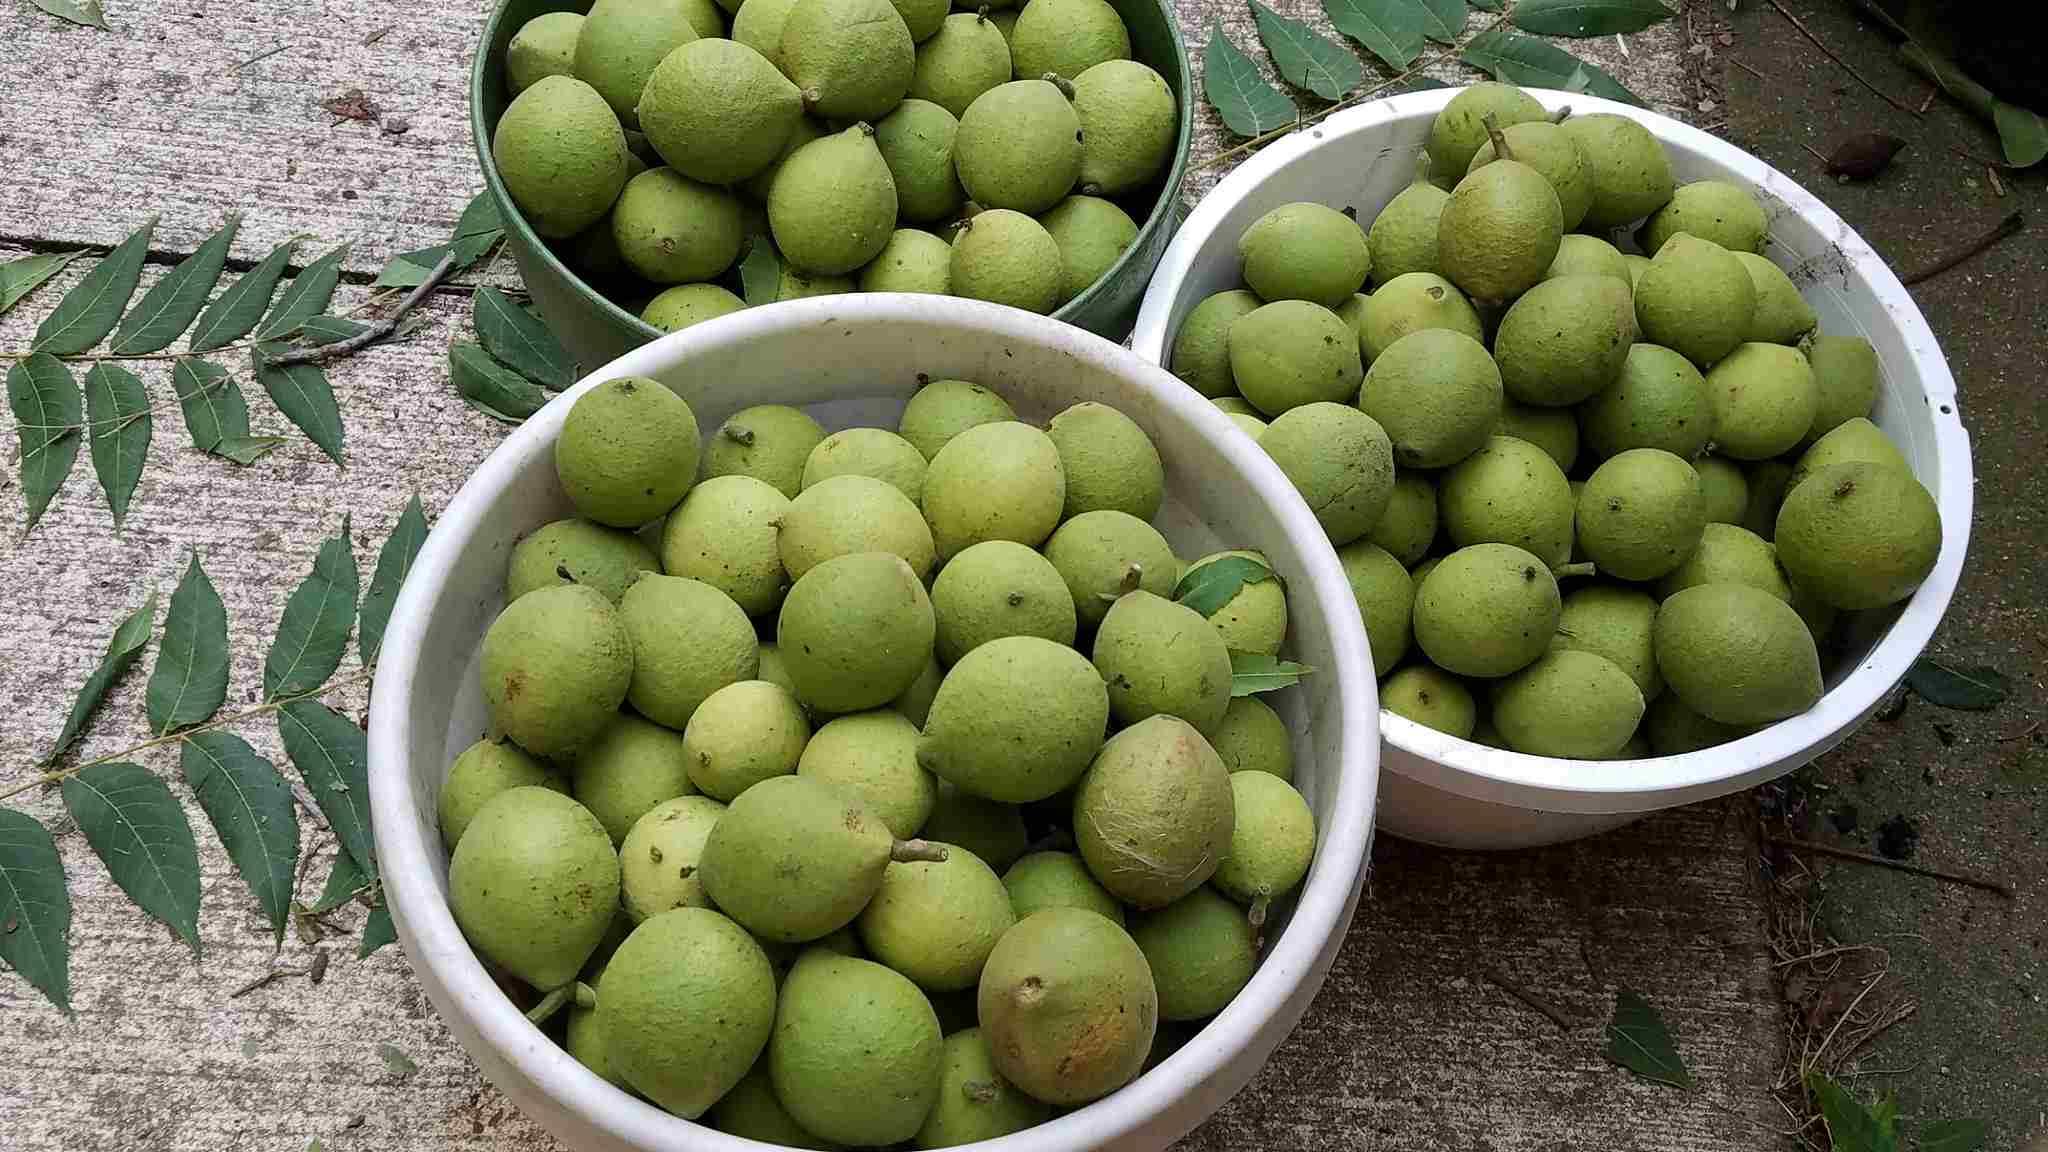 Black walnuts, green